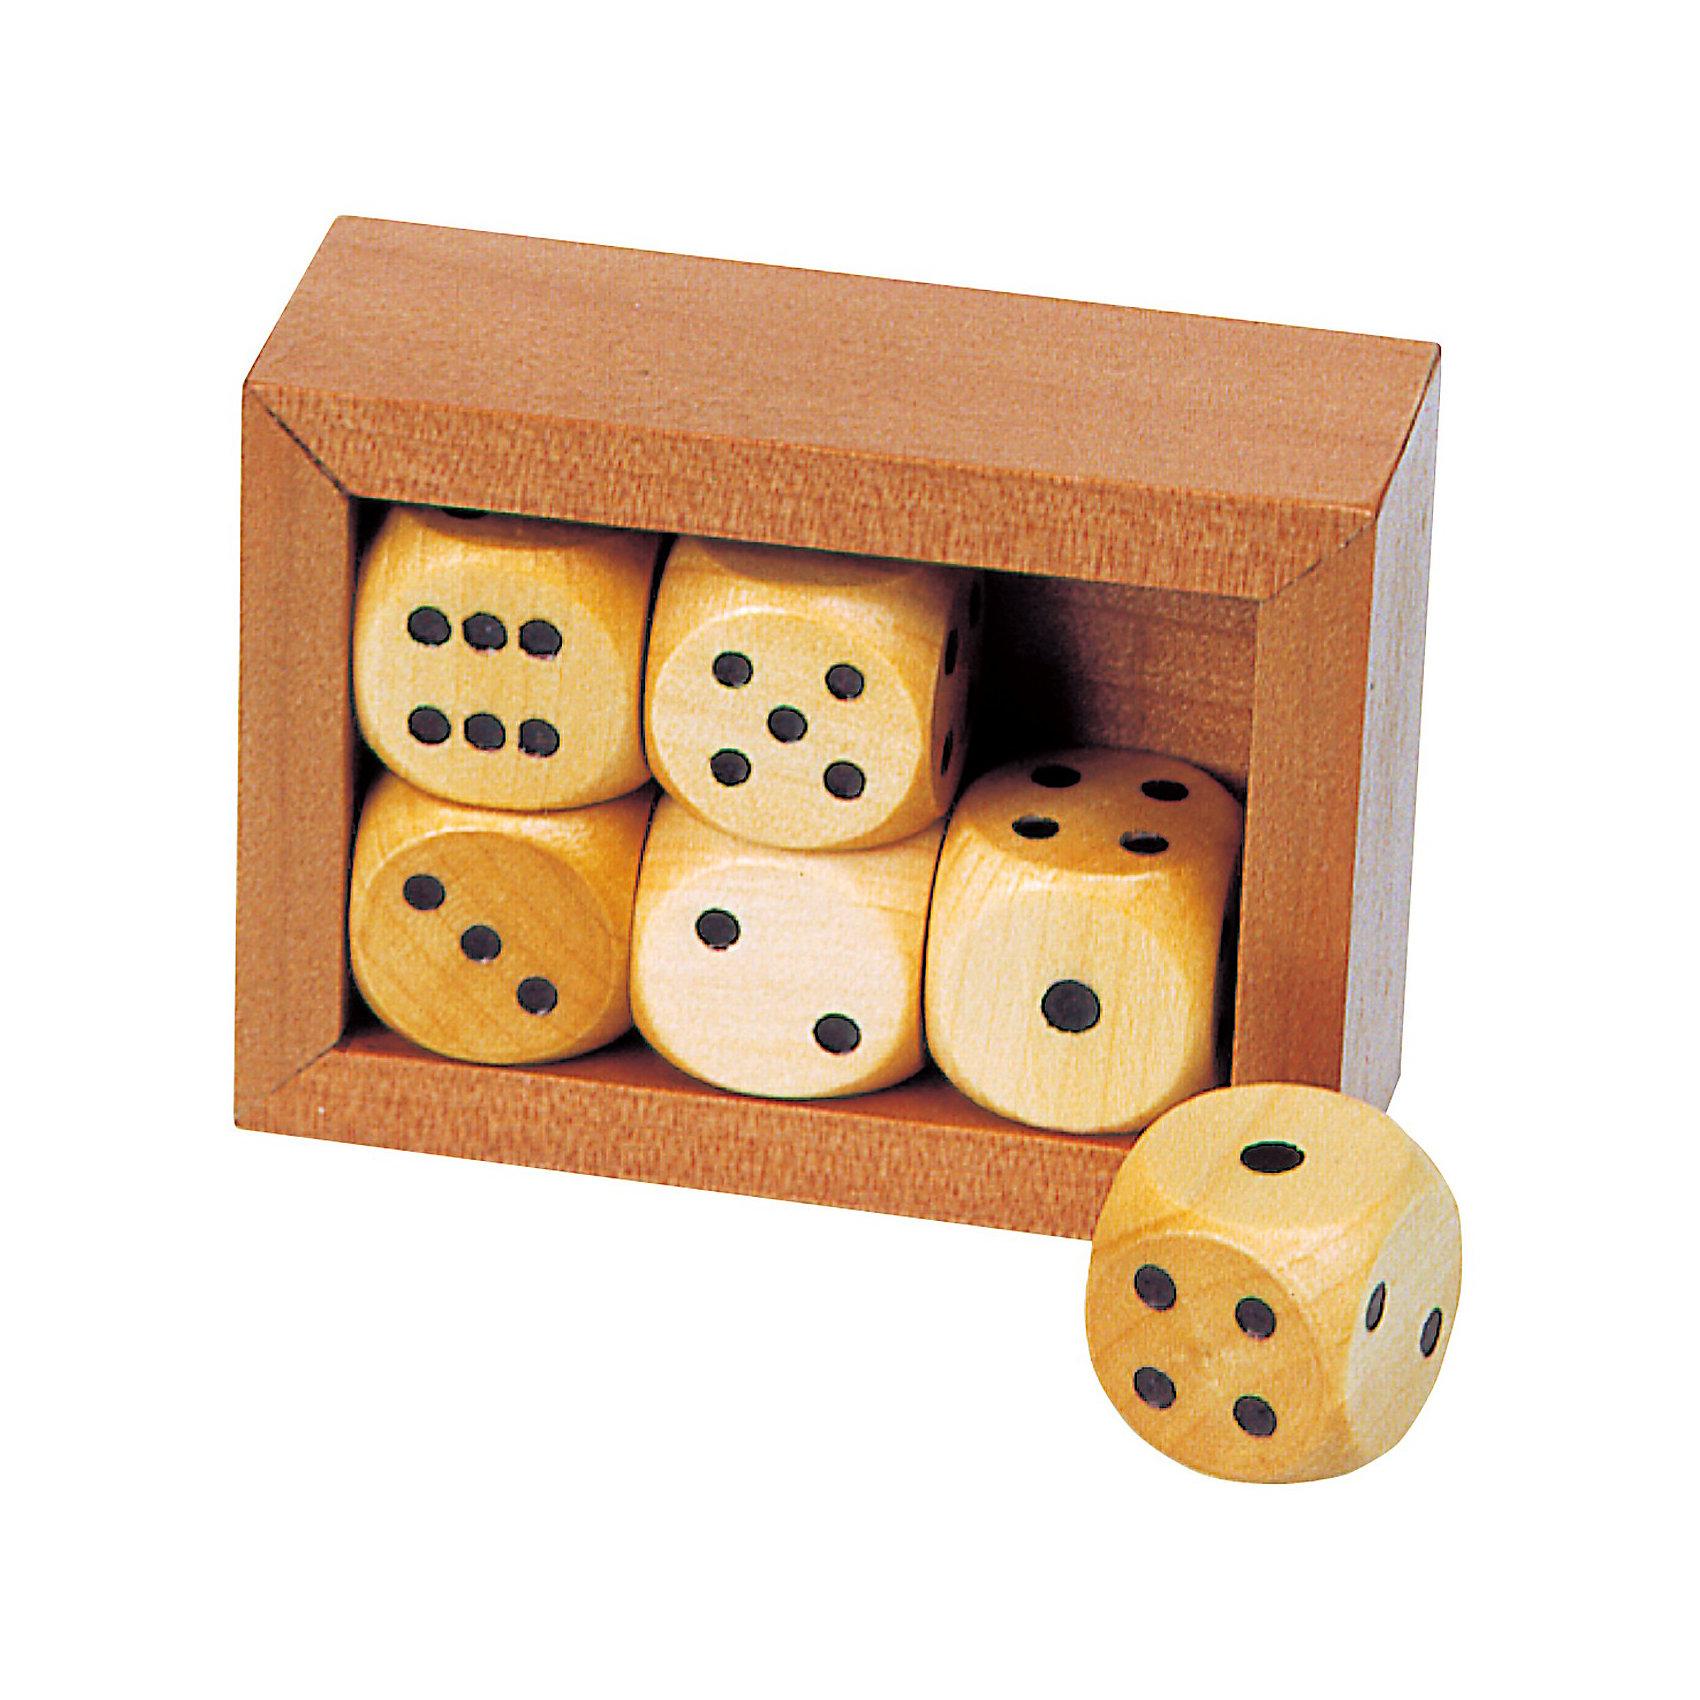 Игральные кости в деревянной коробке, TOYS PUREИгры в дорогу<br>Игральные кости в деревянной коробке, TOYS PURE поможет вам весело и интересно провести время в кругу семьи и друзей. <br><br>Набор состоит из деревянного ящика и 6 игральных кубиков. Игра в кости - одна из древнейших азартных игр. Принцип игры в кости заключается в следующем: каждый игрок по очереди бросает игральные кости, после броска сумма выпавших очков суммируется и используется для определения победителя и проигравшего. <br><br>Комплектация: деревянный ящик, 6 кубиков<br><br>Дополнительная информация:<br><br>-Материалы: дерево<br>-Высота коробки 4,5 см, кубик 1,6х1,6 см<br><br>Такой набор станет отличным подарком для любителей азартных игр!<br><br>Игральные кости в деревянной коробке, TOYS PURE можно купить в нашем магазине.<br><br>Ширина мм: 100<br>Глубина мм: 200<br>Высота мм: 300<br>Вес г: 500<br>Возраст от месяцев: 60<br>Возраст до месяцев: 1188<br>Пол: Унисекс<br>Возраст: Детский<br>SKU: 3561266